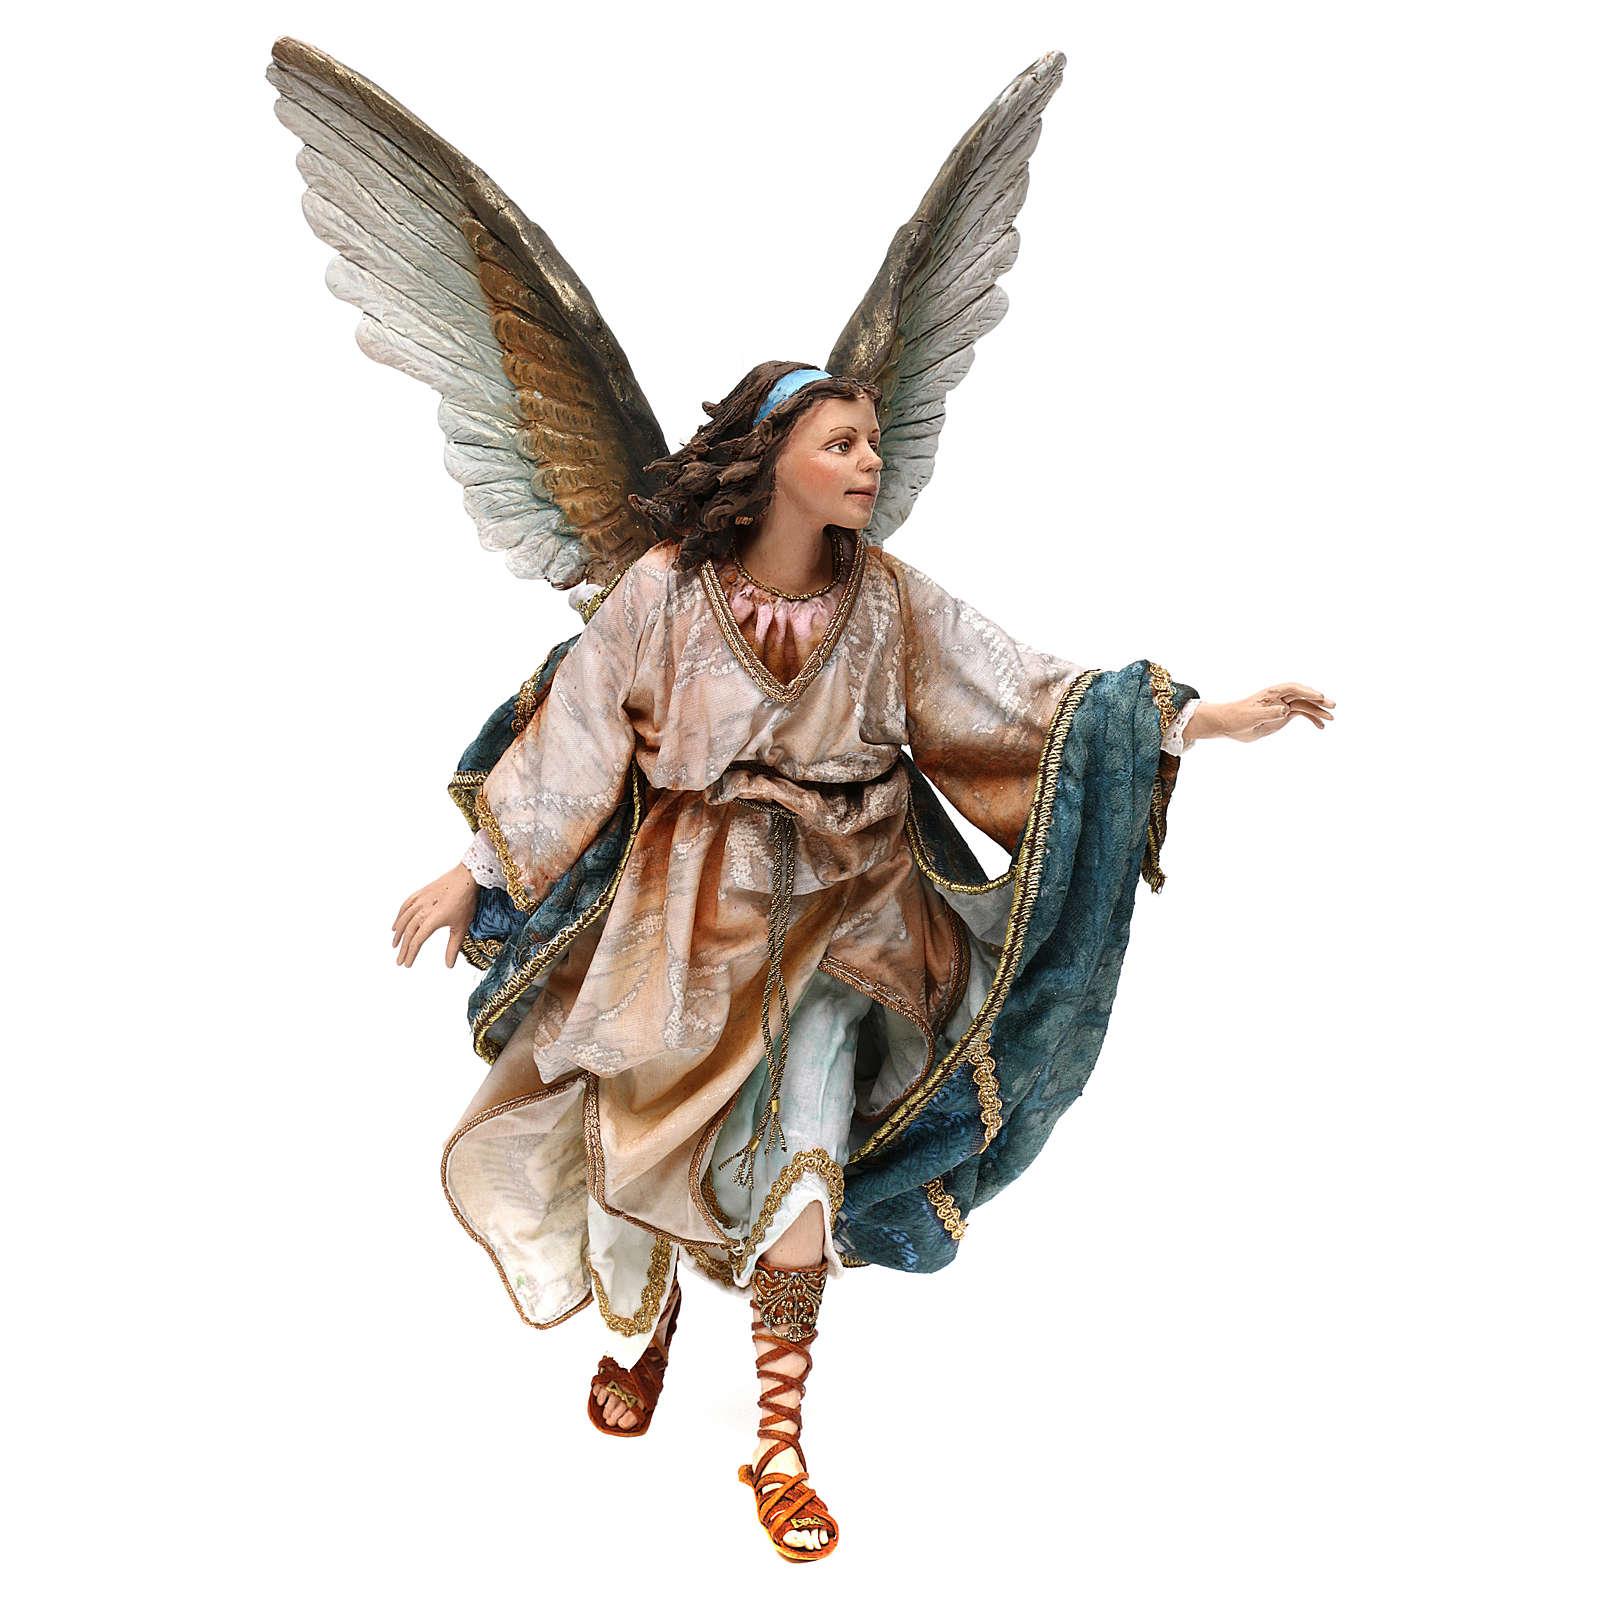 Anjo 30 cm presépio terracota Angela Tripi 4